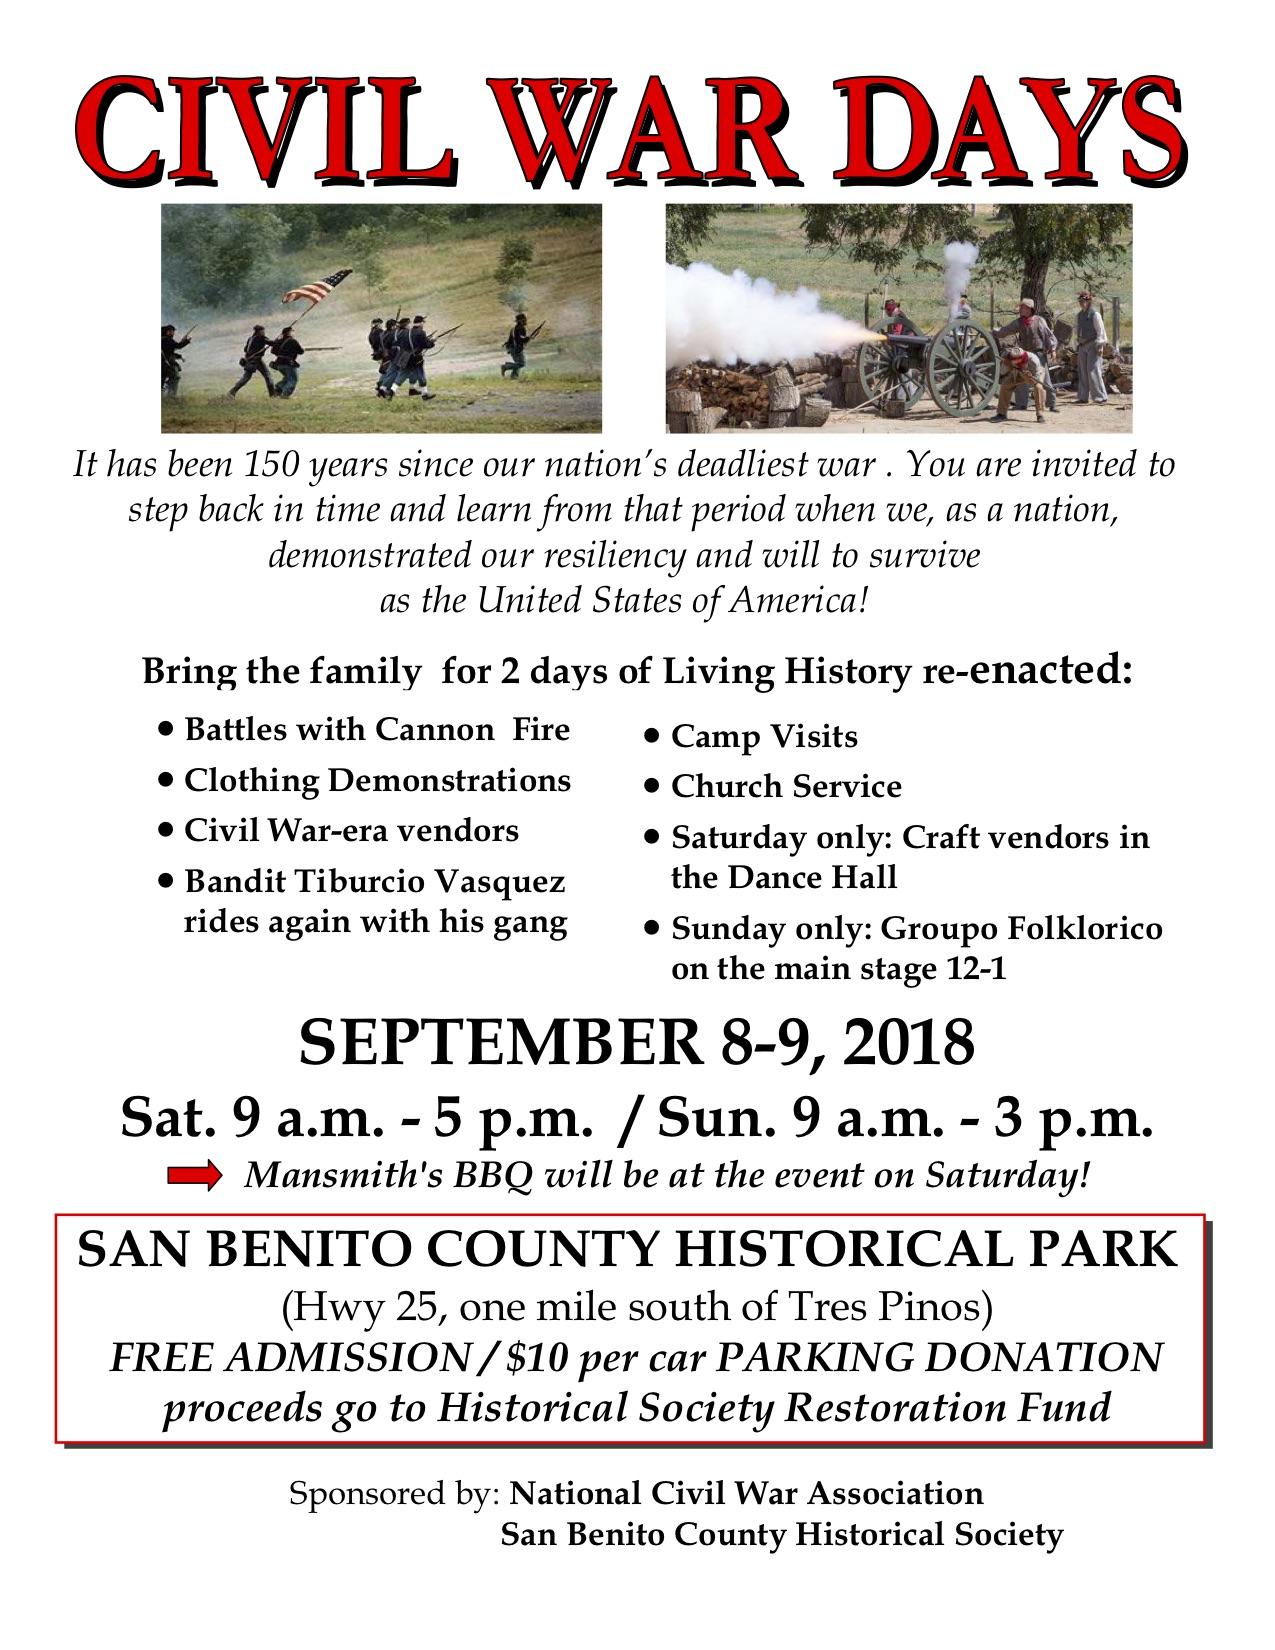 Civil War Days 2018 flyer